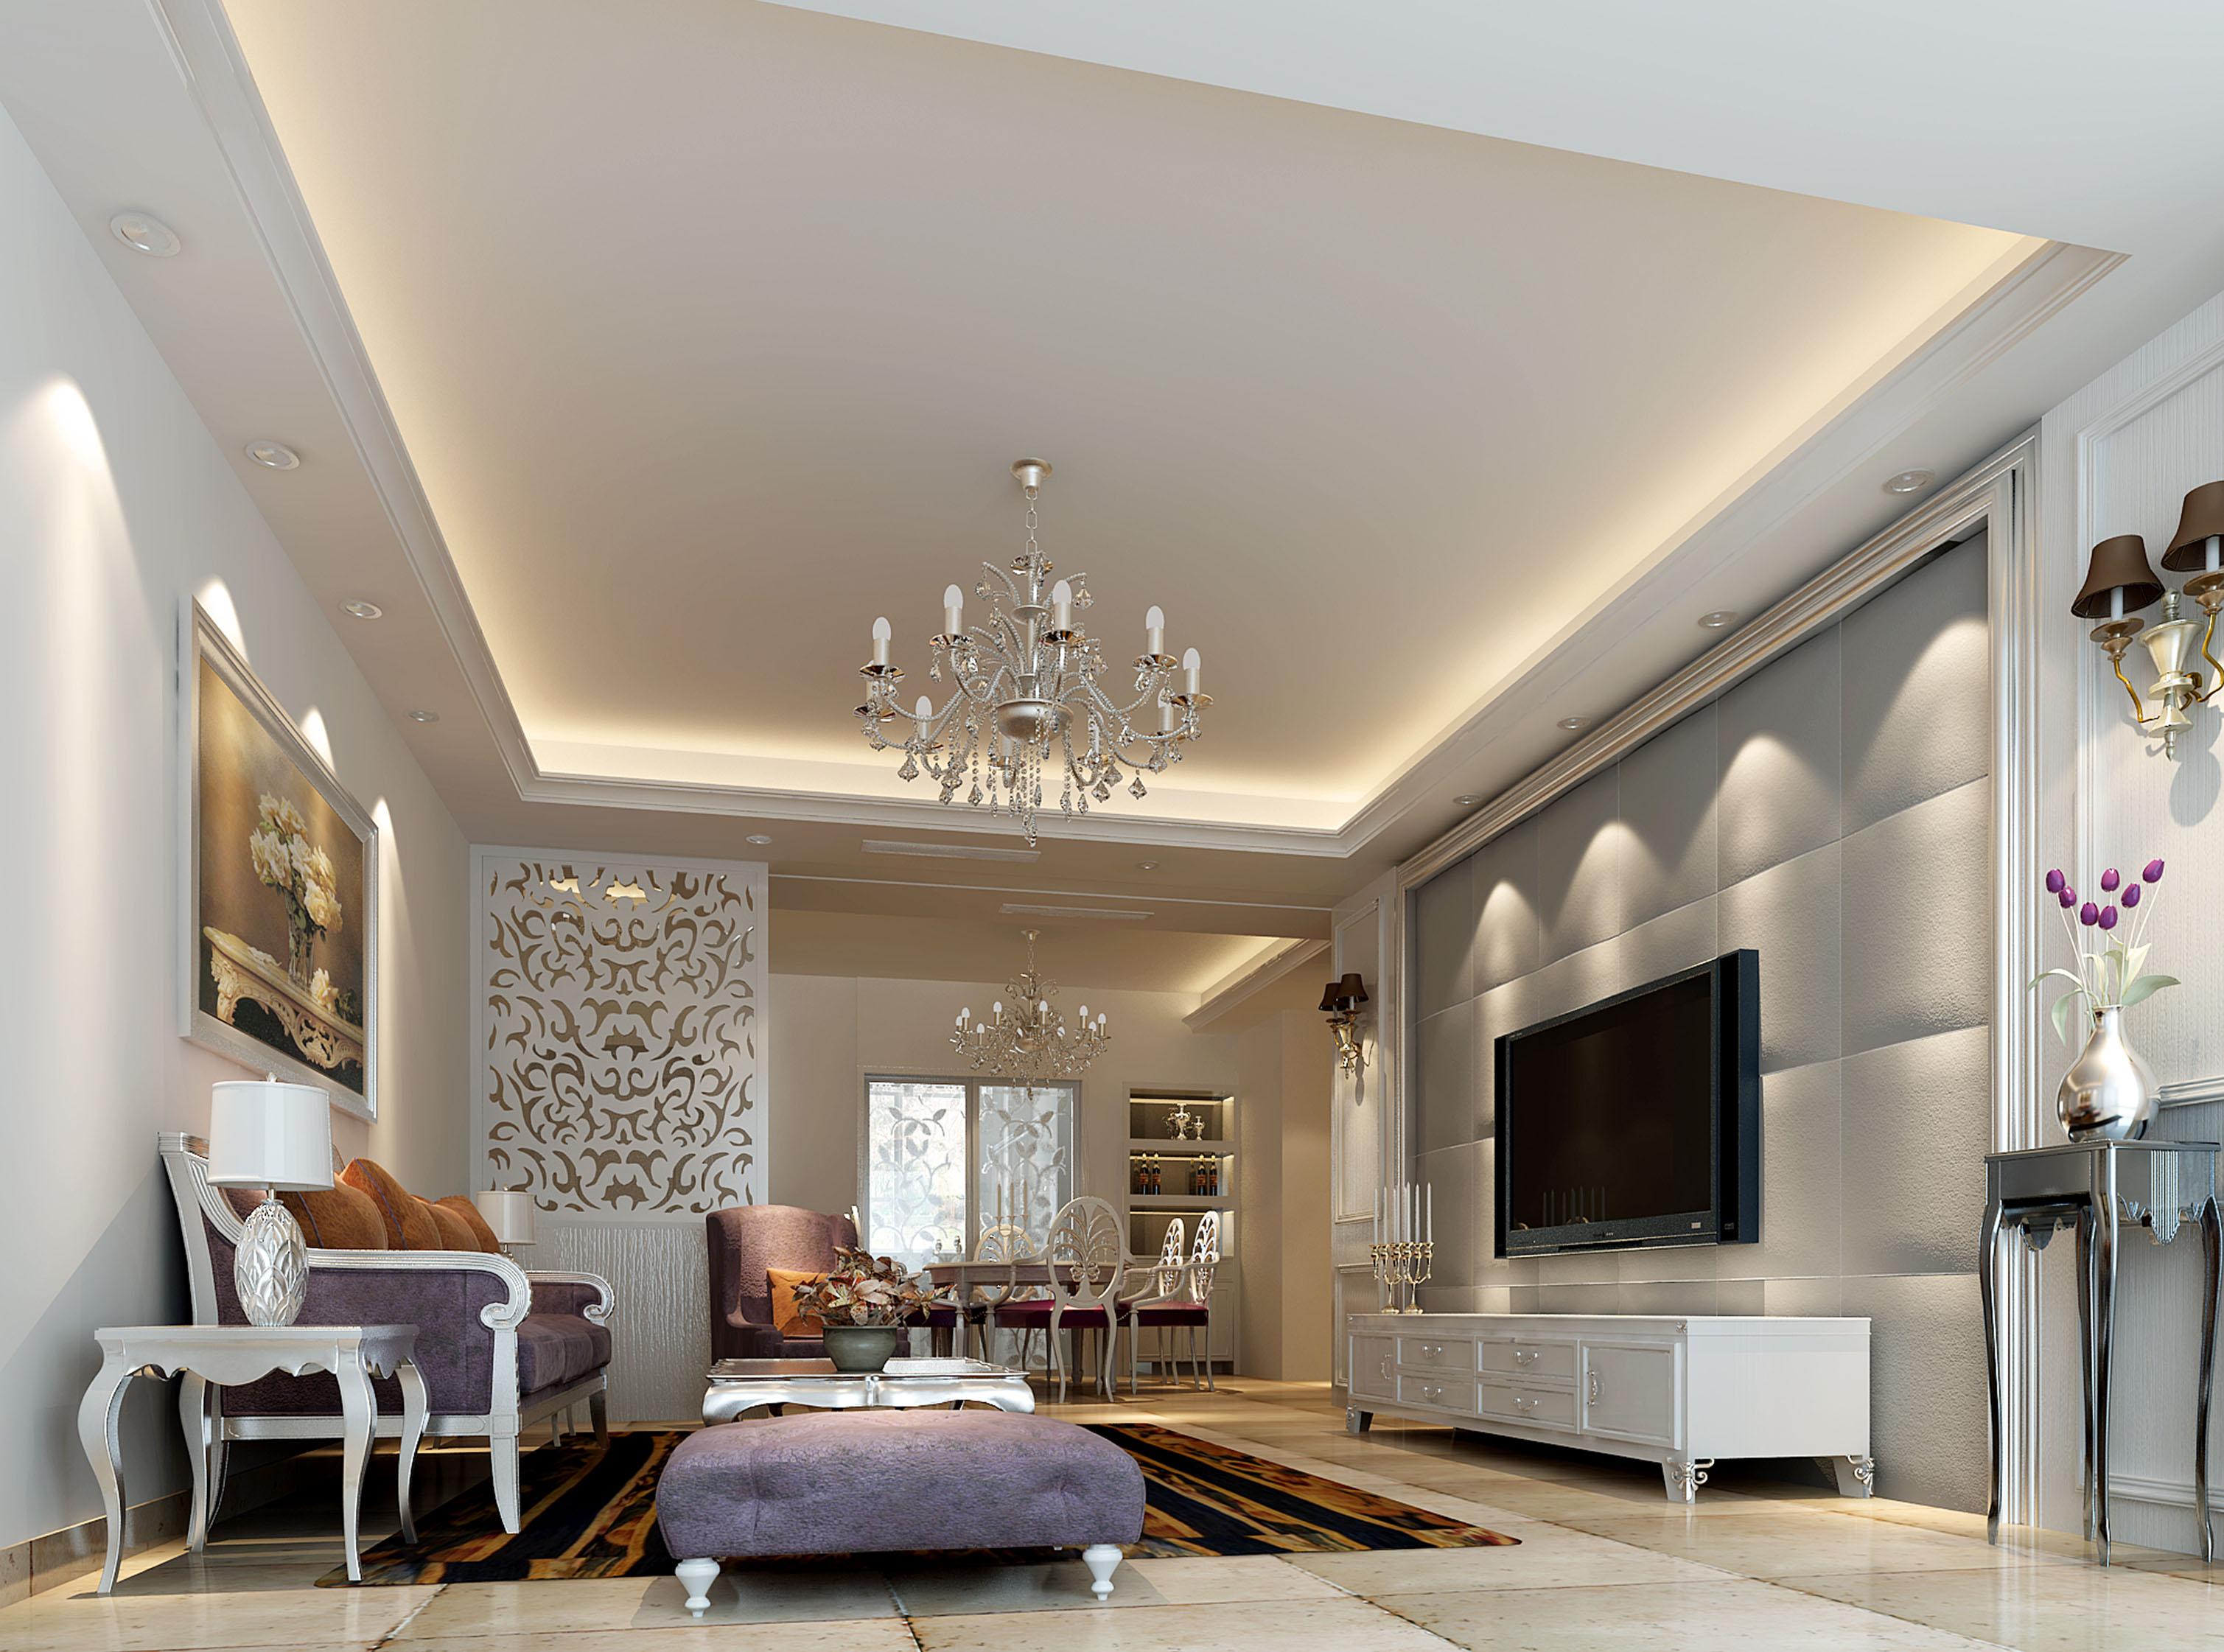 家和装饰带你了解欧式装修风格和要点是怎样的?